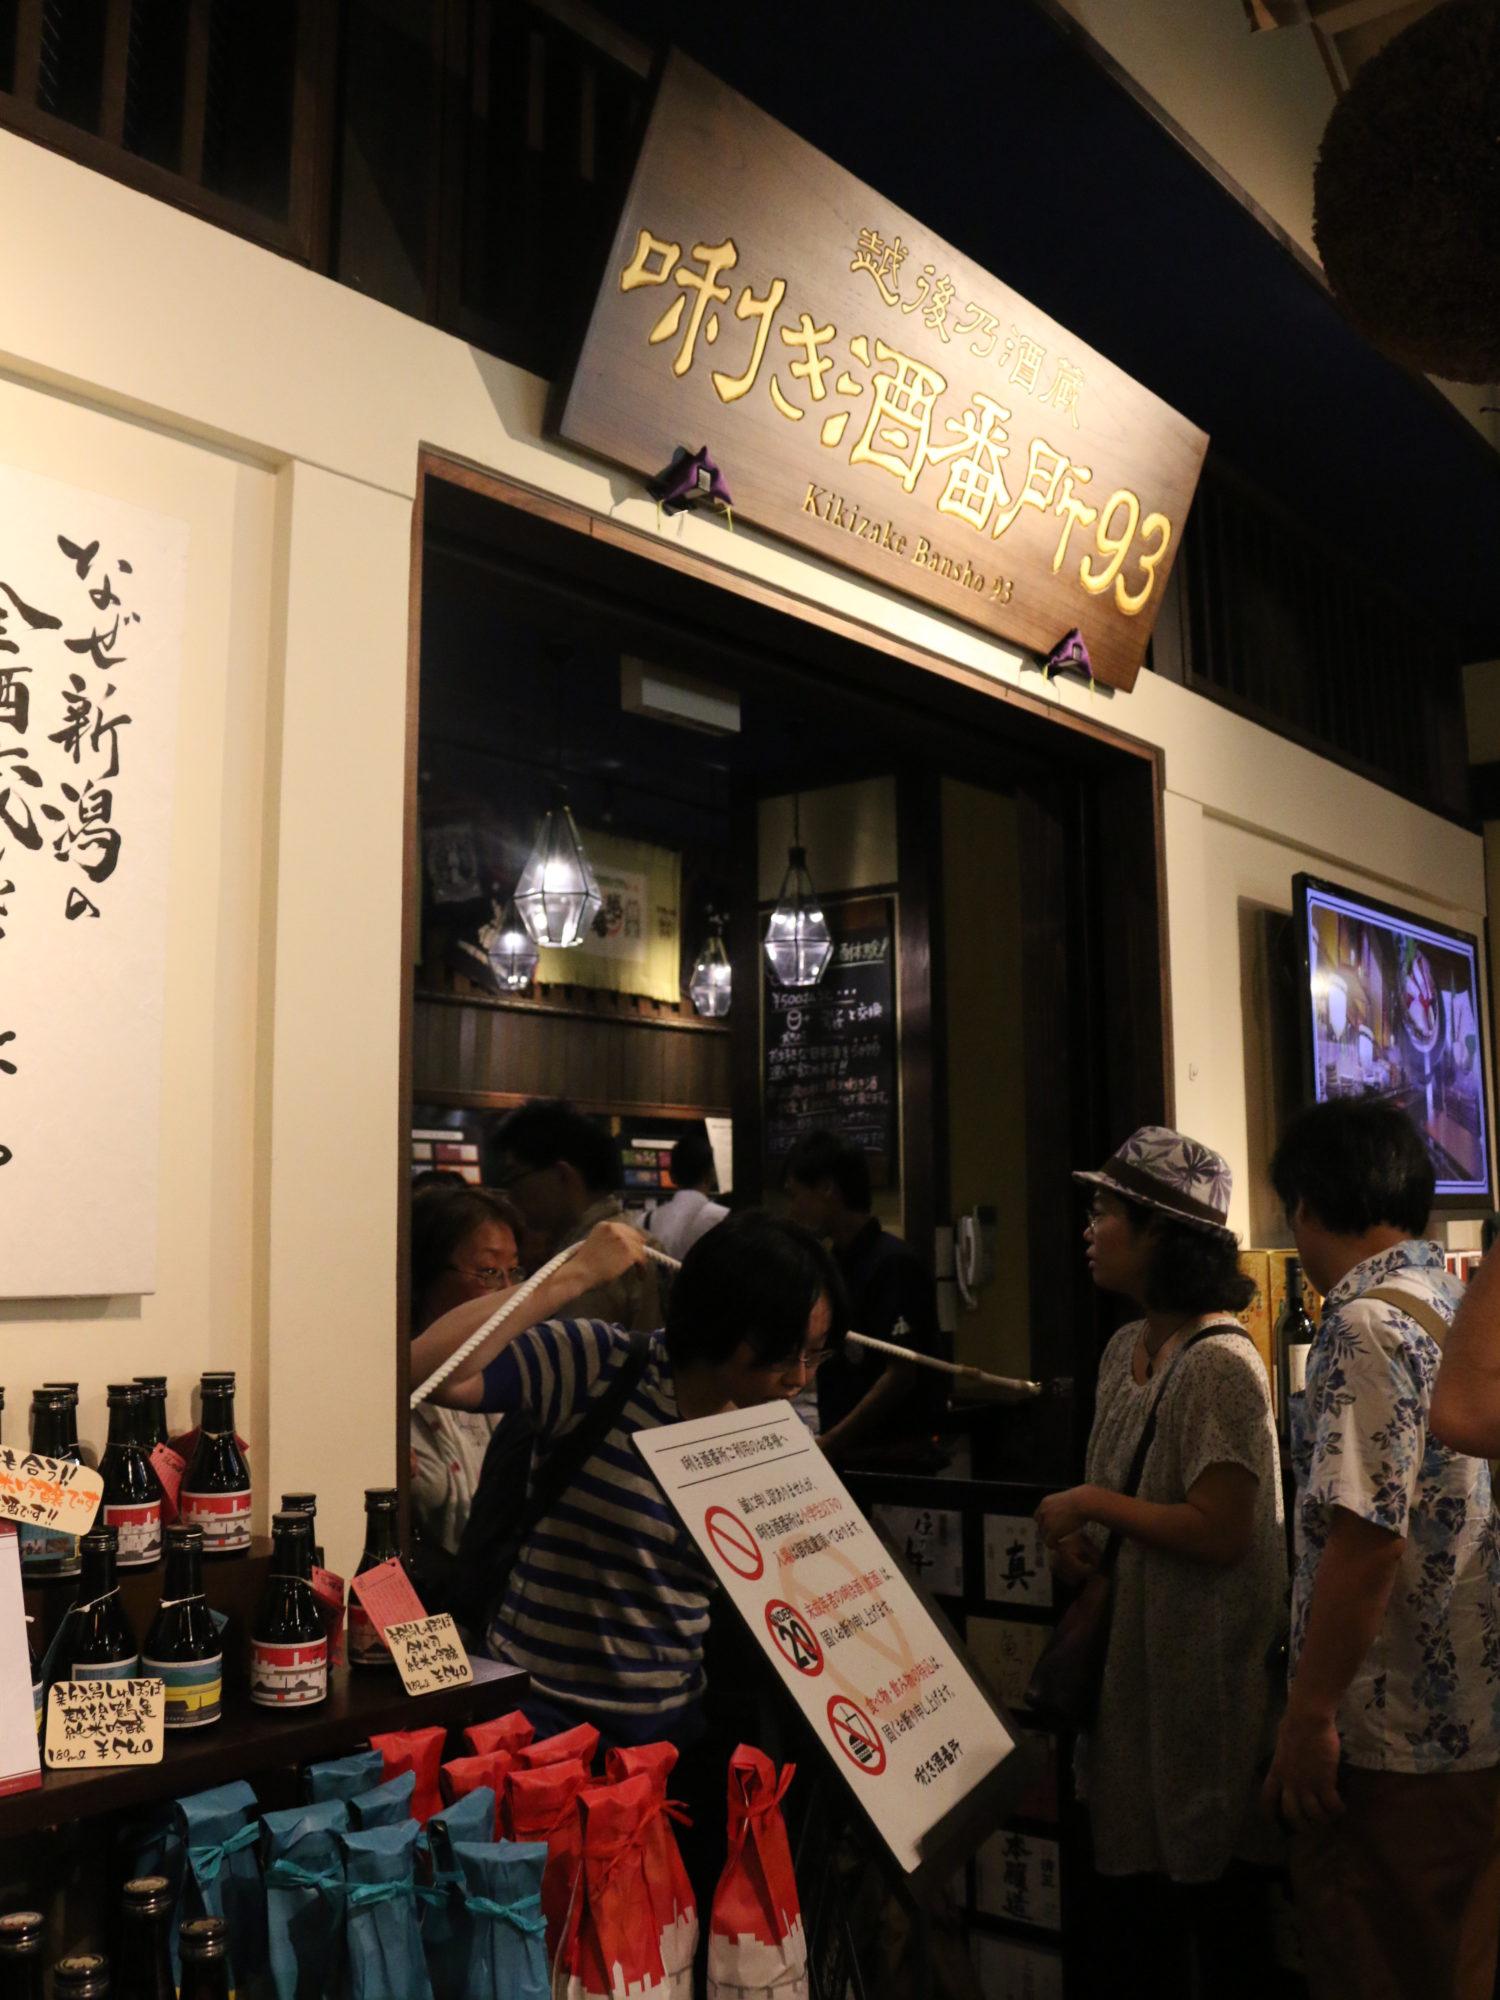 お盆休み 人情あふれた新潟旅!その9〜新潟駅 ぽんしゅ館で日本酒を楽しむ〜